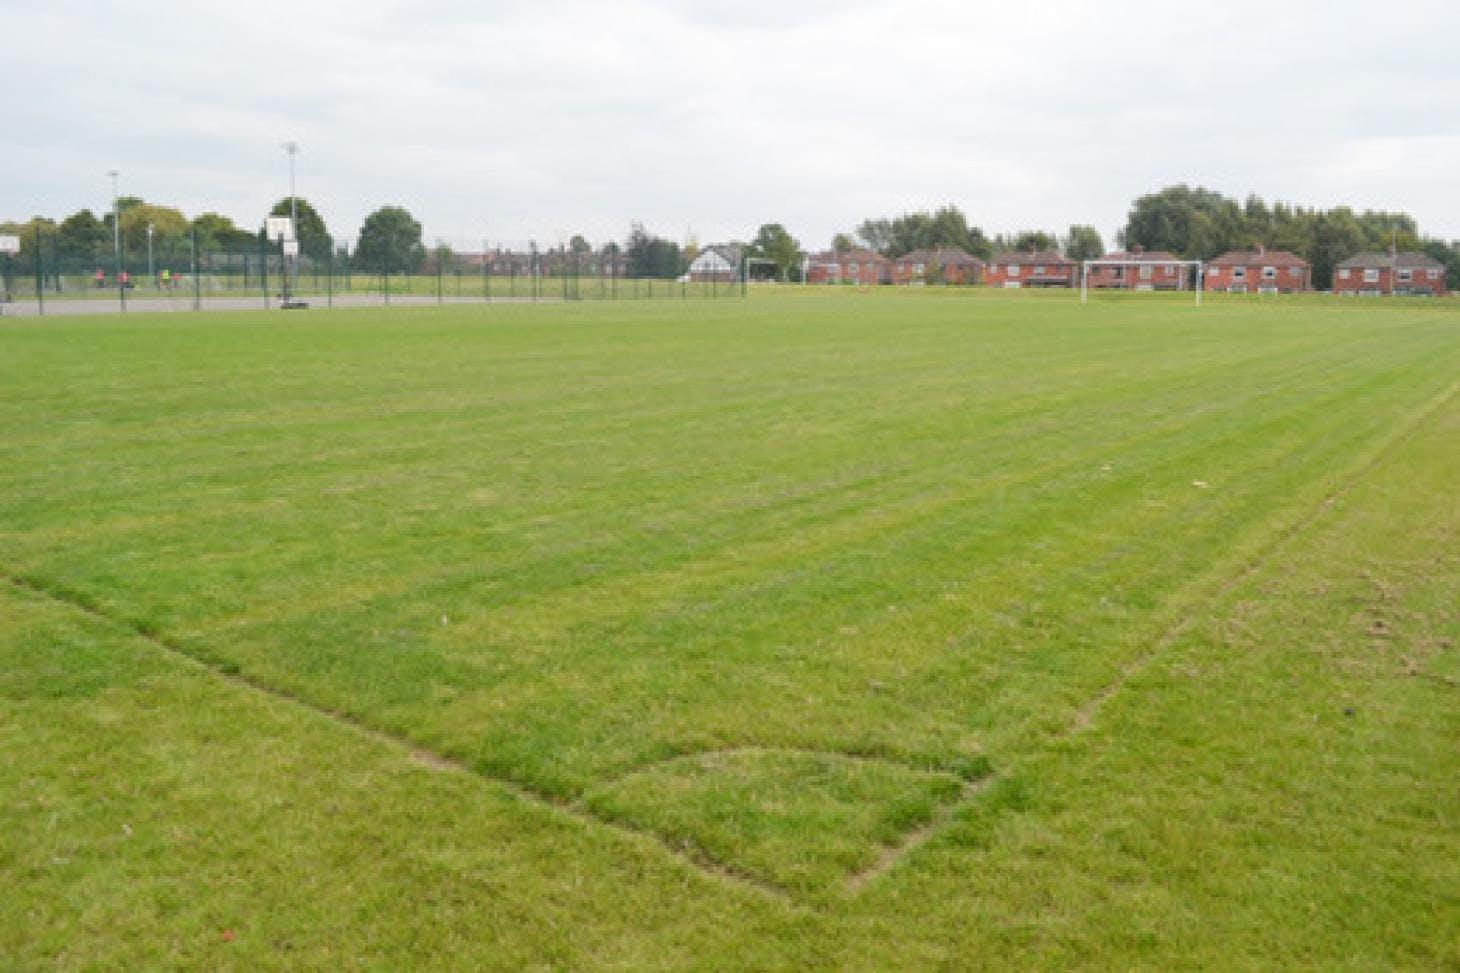 Droylsden Academy 7 a side | Grass football pitch